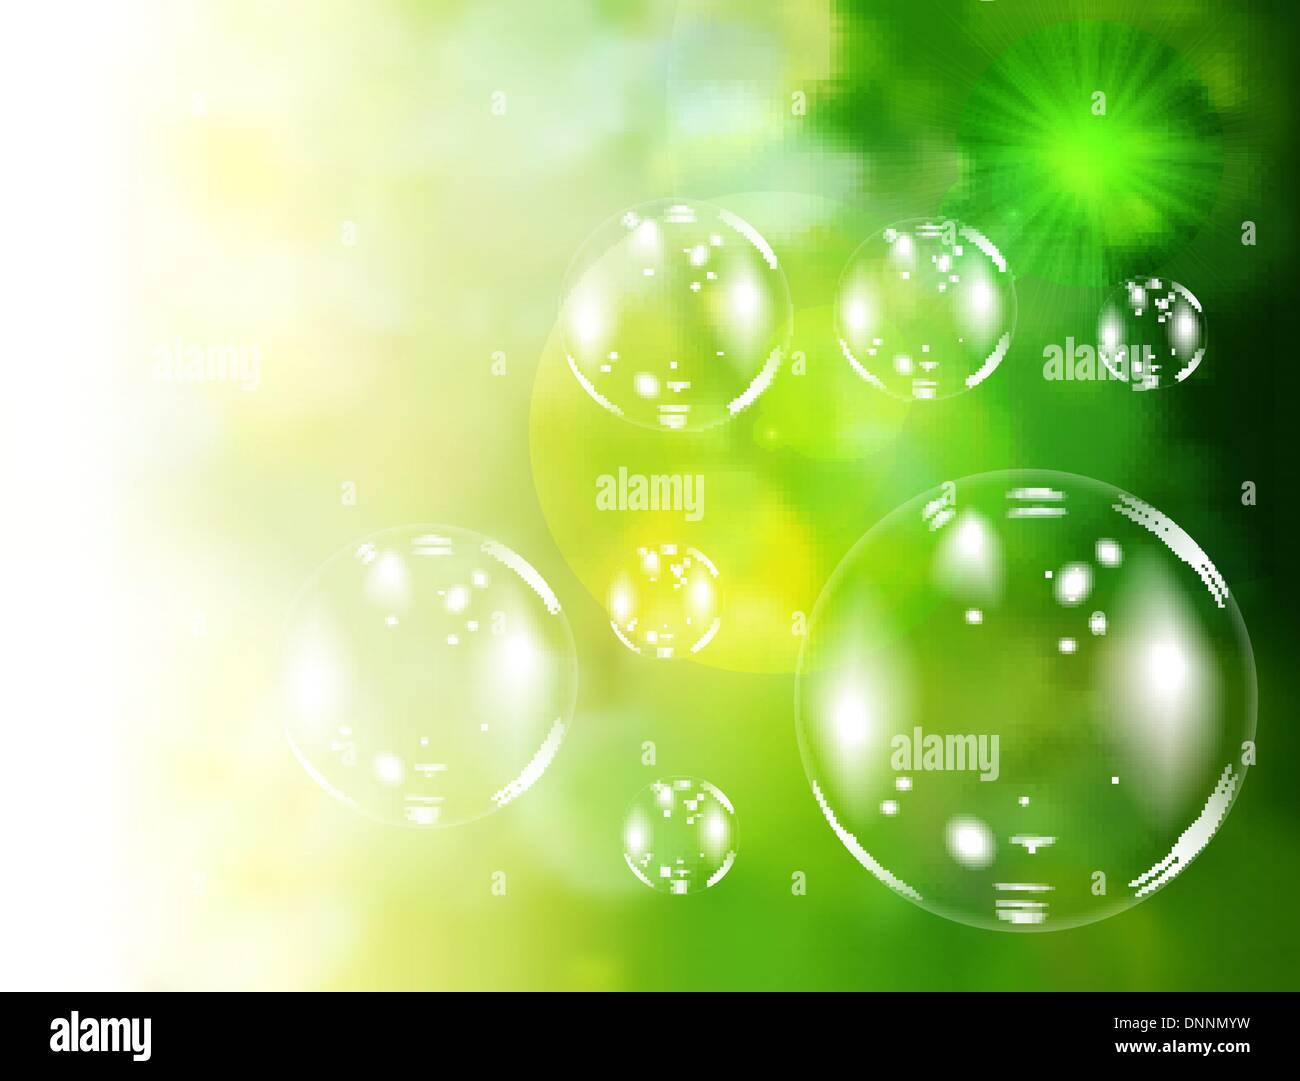 Des bulles de savon vert sur fond naturel. Vector illustration Photo Stock